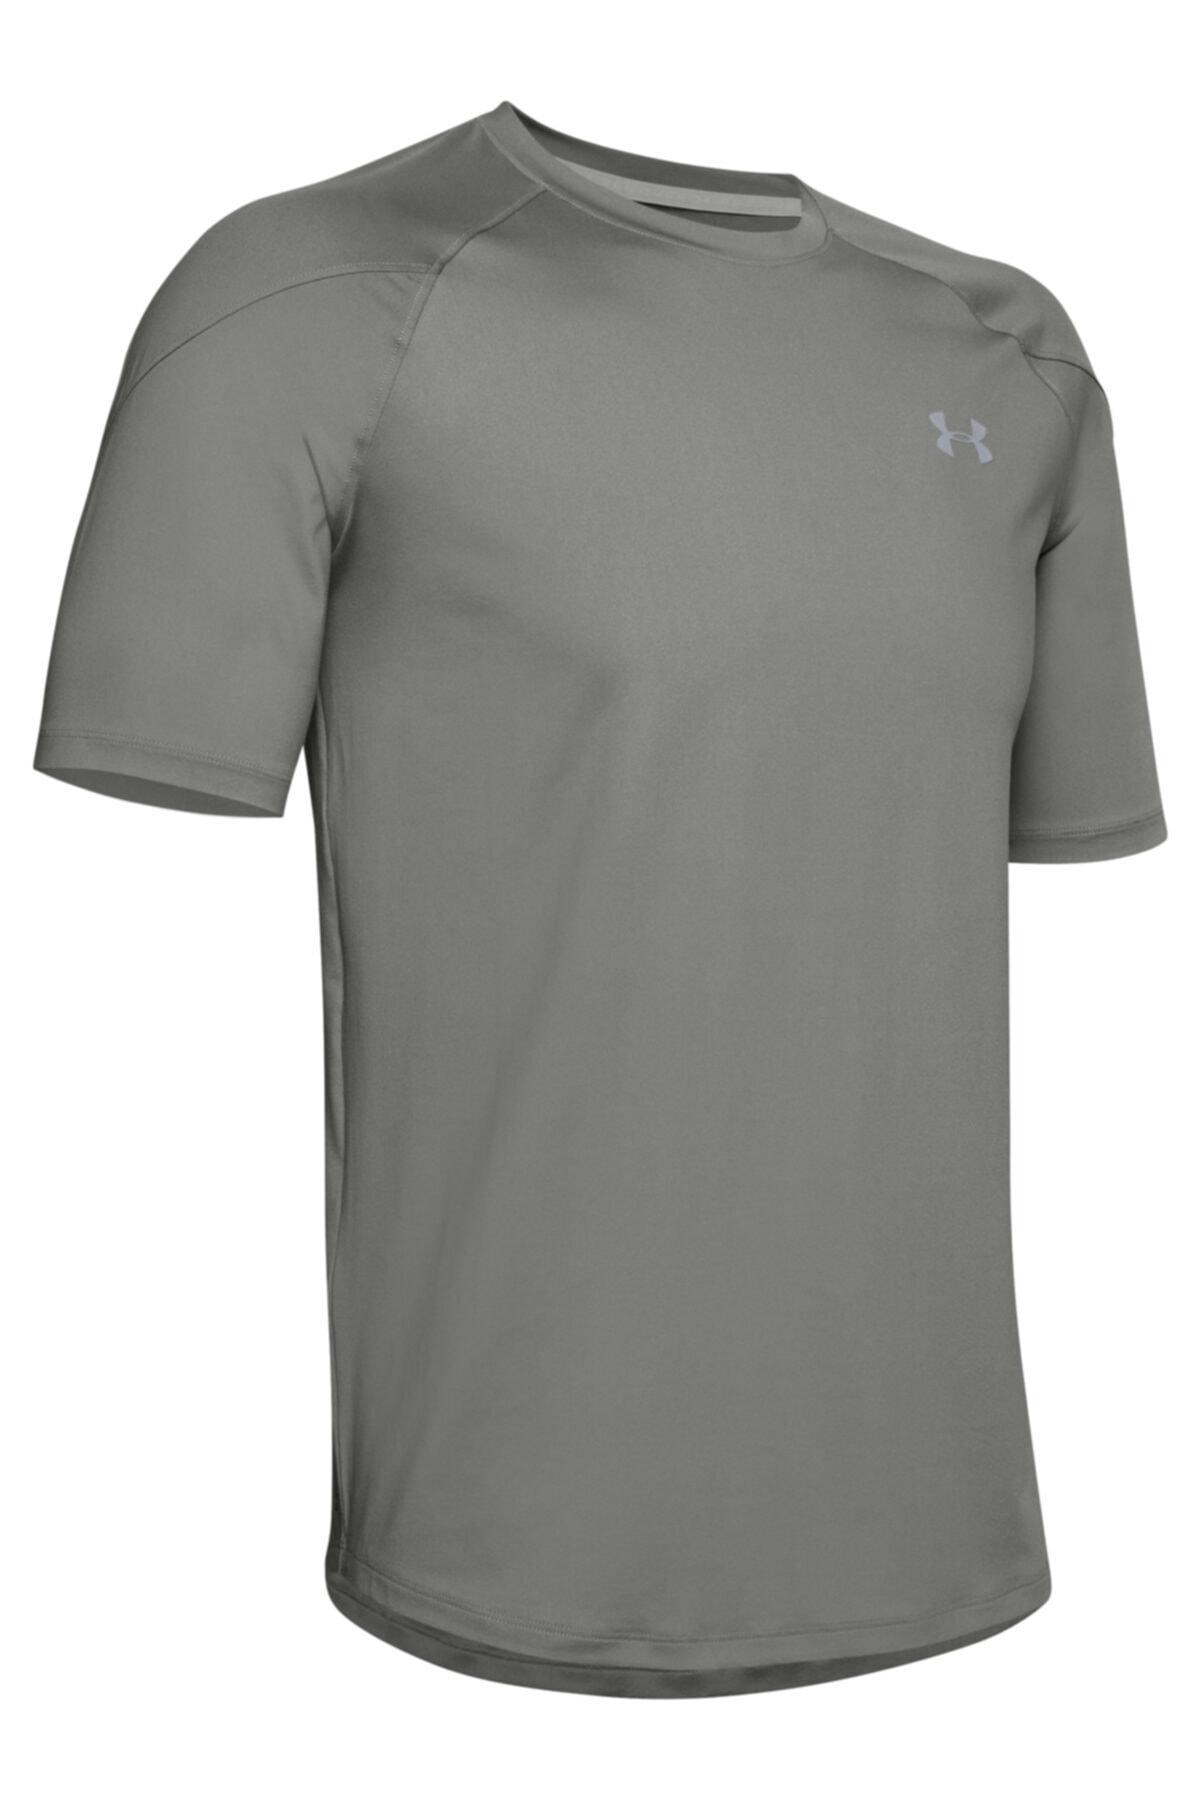 Under Armour Erkek Spor T-Shirt - Recover Ss - 1351569-388 1